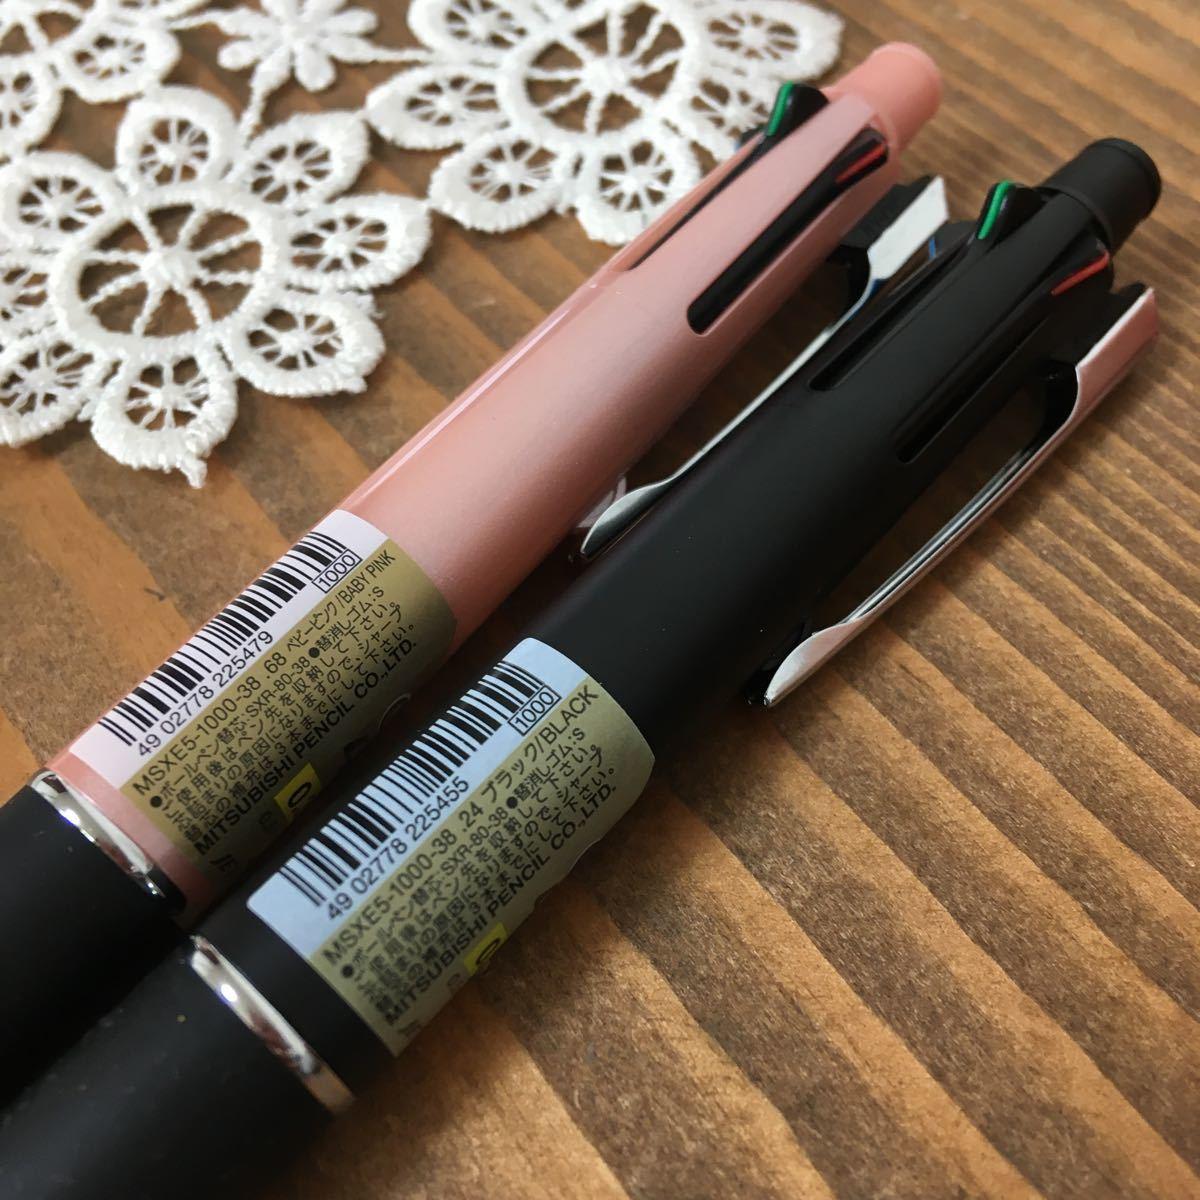 新品  極細  0.38mm 4&1 日本製 ジェットストリーム ボールペン uni 2本まとめ売り 送料140円  ベビーピンク  ブラック_画像3